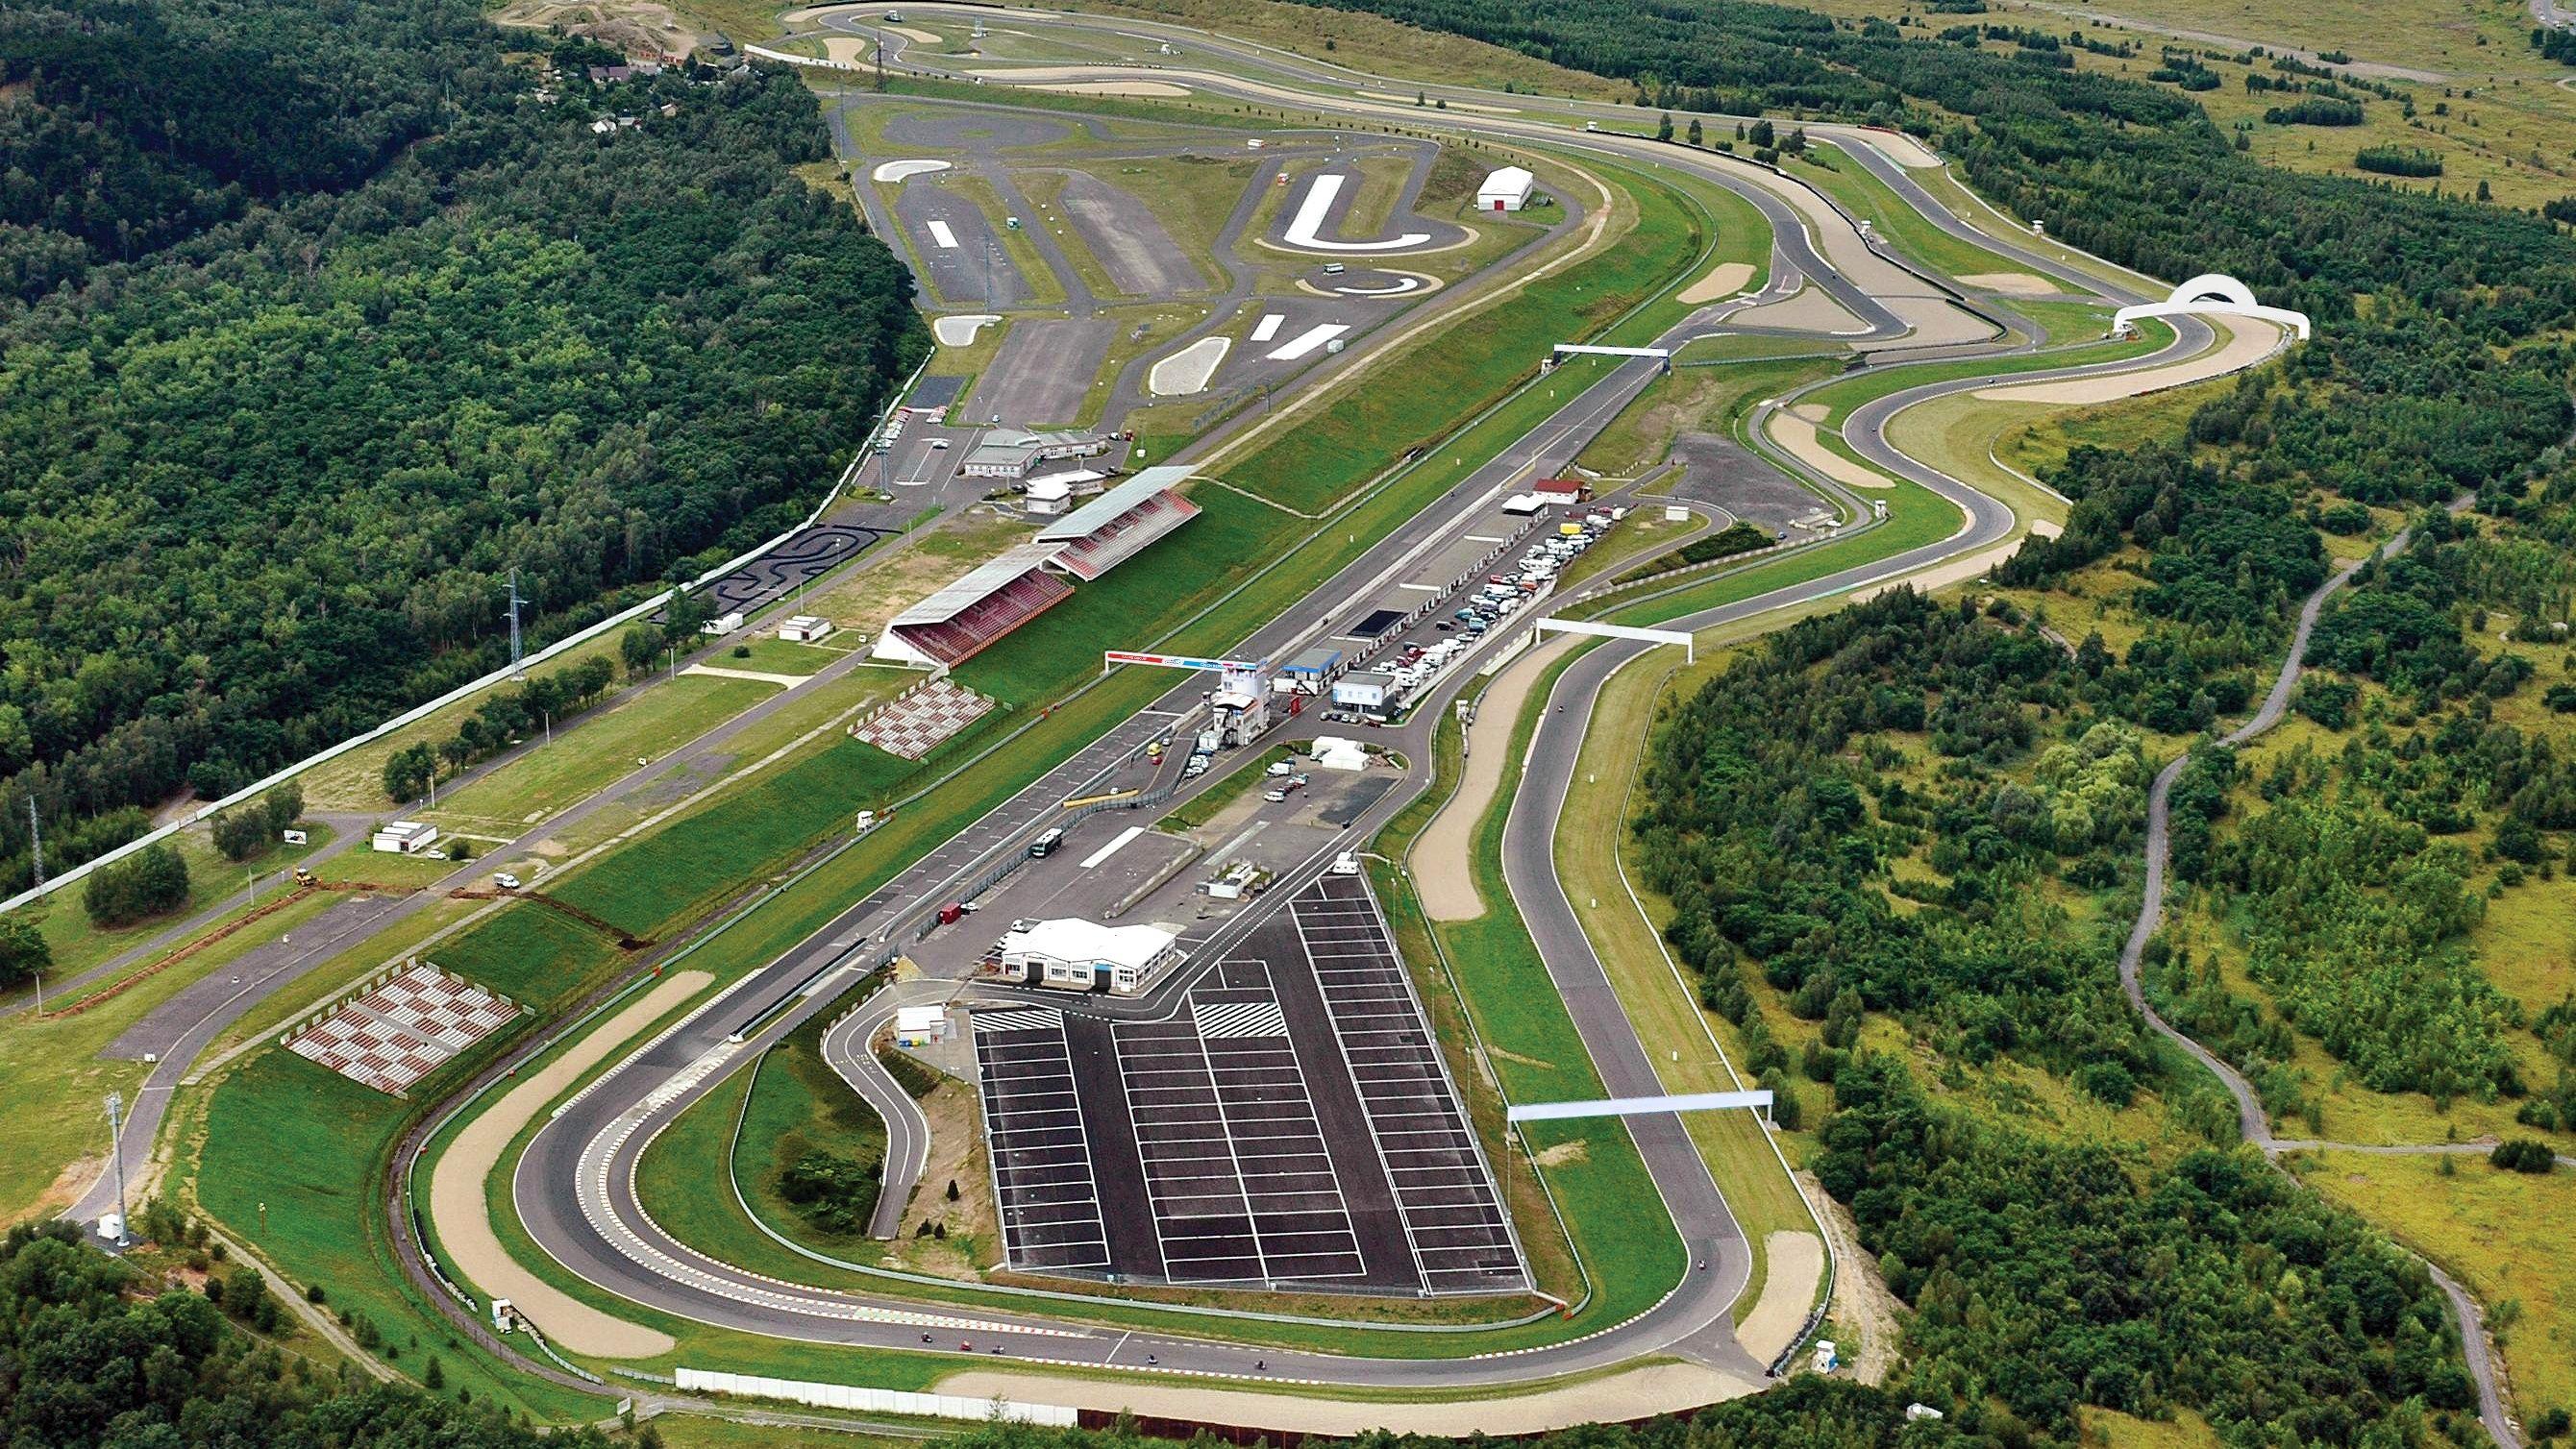 El Autodrom Most acogerá el WorldSBK desde este 2021